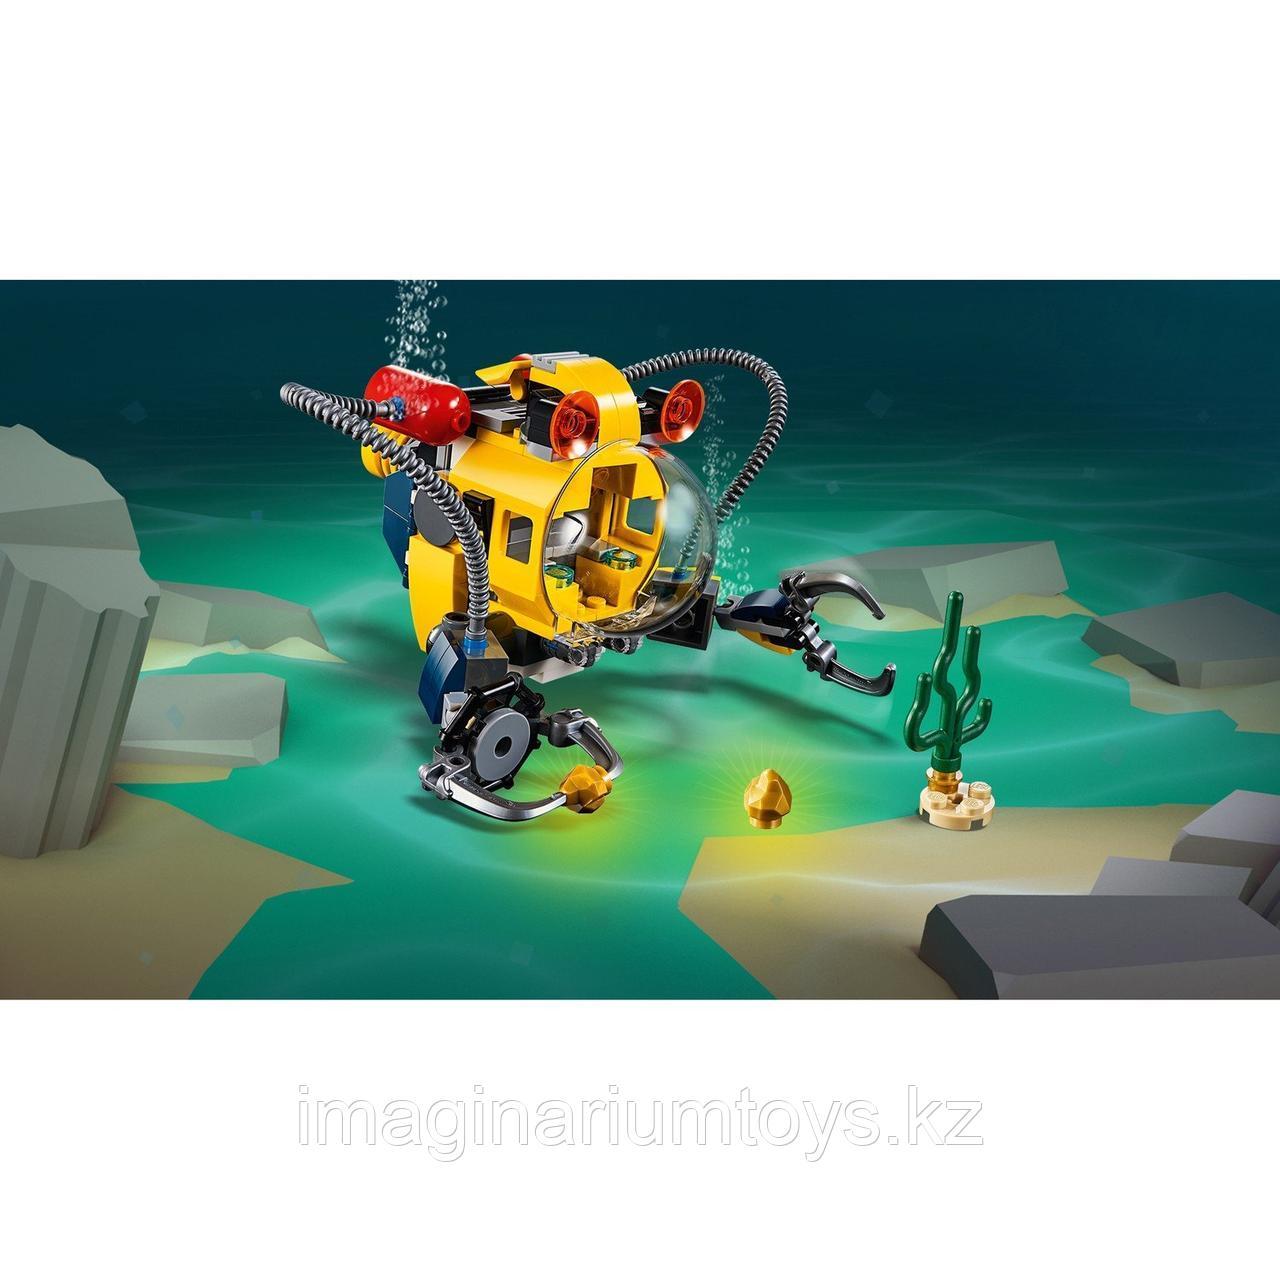 Конструктор LEGO Creator 3 в 1 Робот для подводных исследований 31090 - фото 4